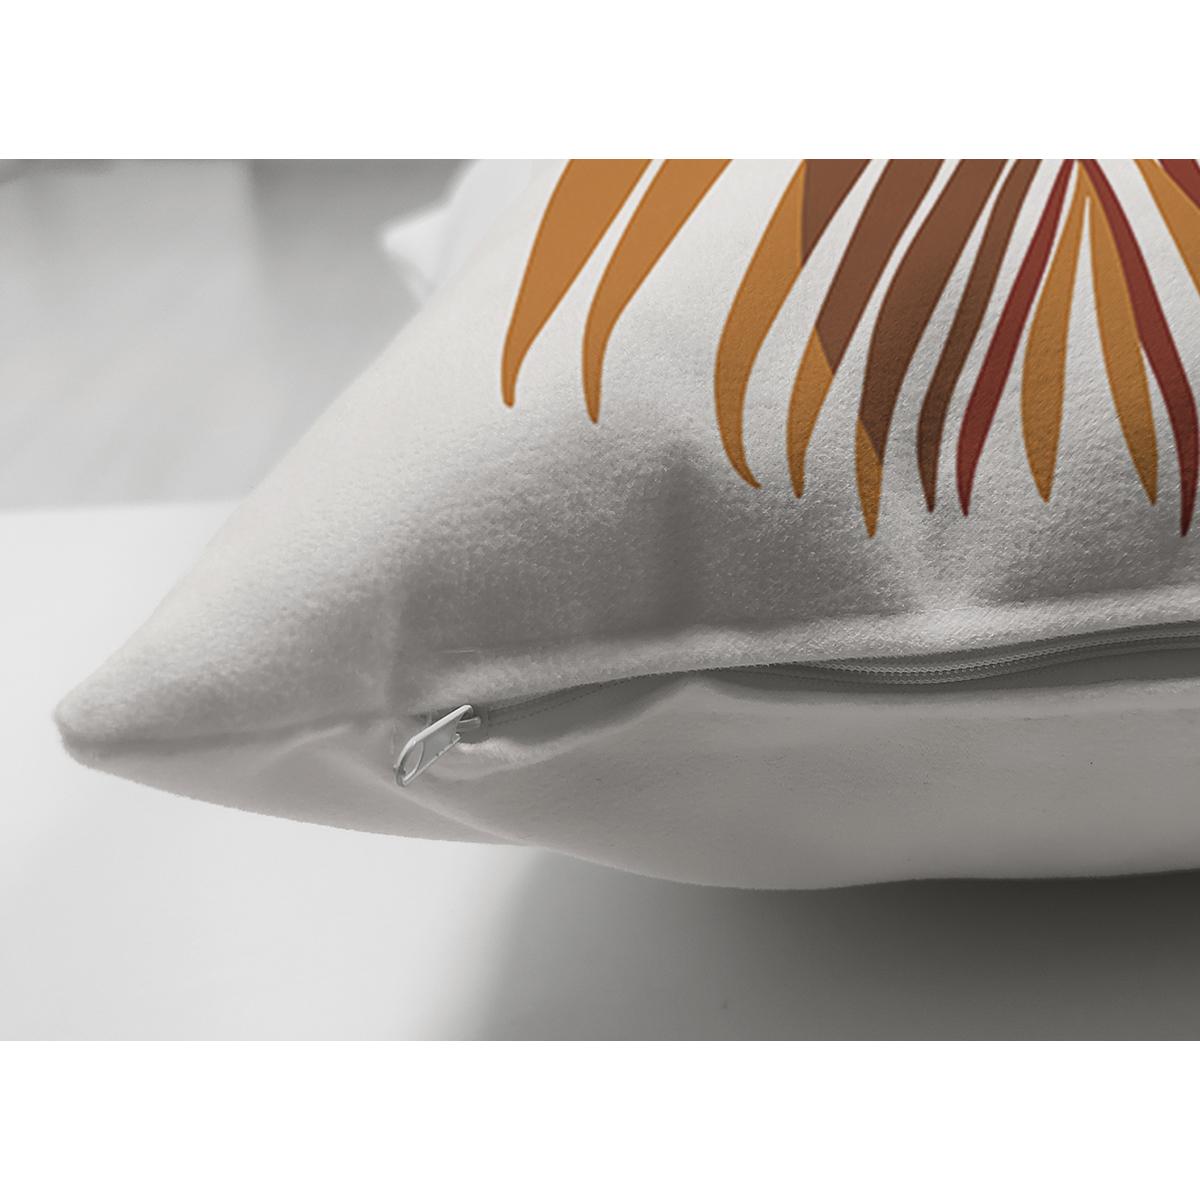 Çift Taraflı Beyaz Zeminde Renkli Yaprak Desenli Dijital Baskılı Modern Süet Yastık Kırlent Kılıfı Realhomes